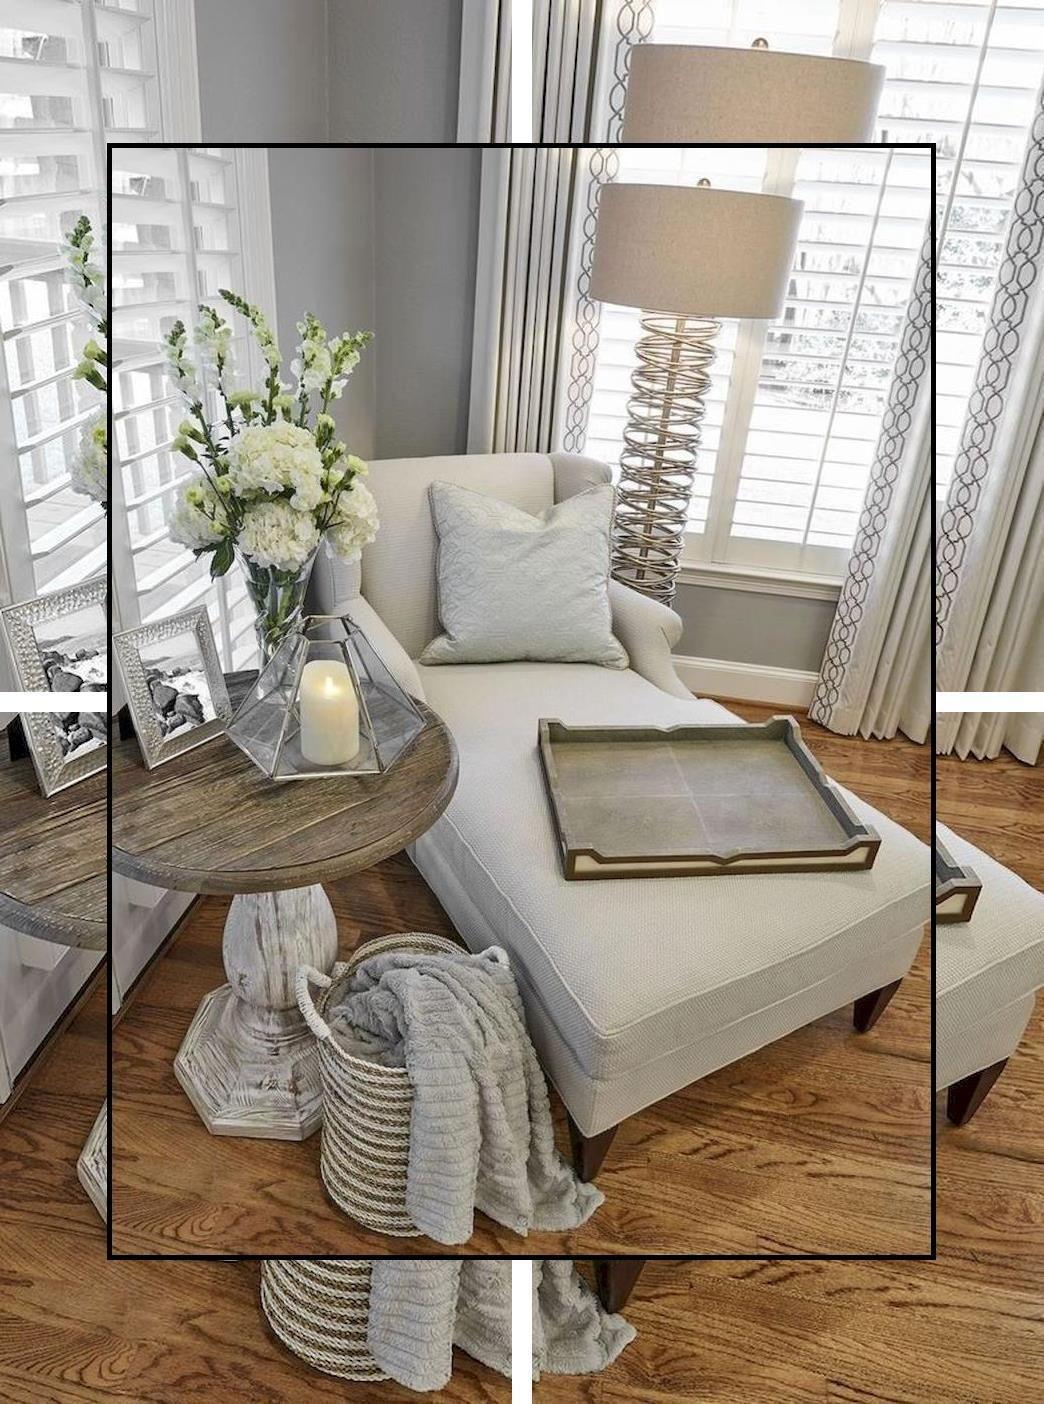 Solid Oak Bedroom Furniture | Bedroom Furniture For Sale ...